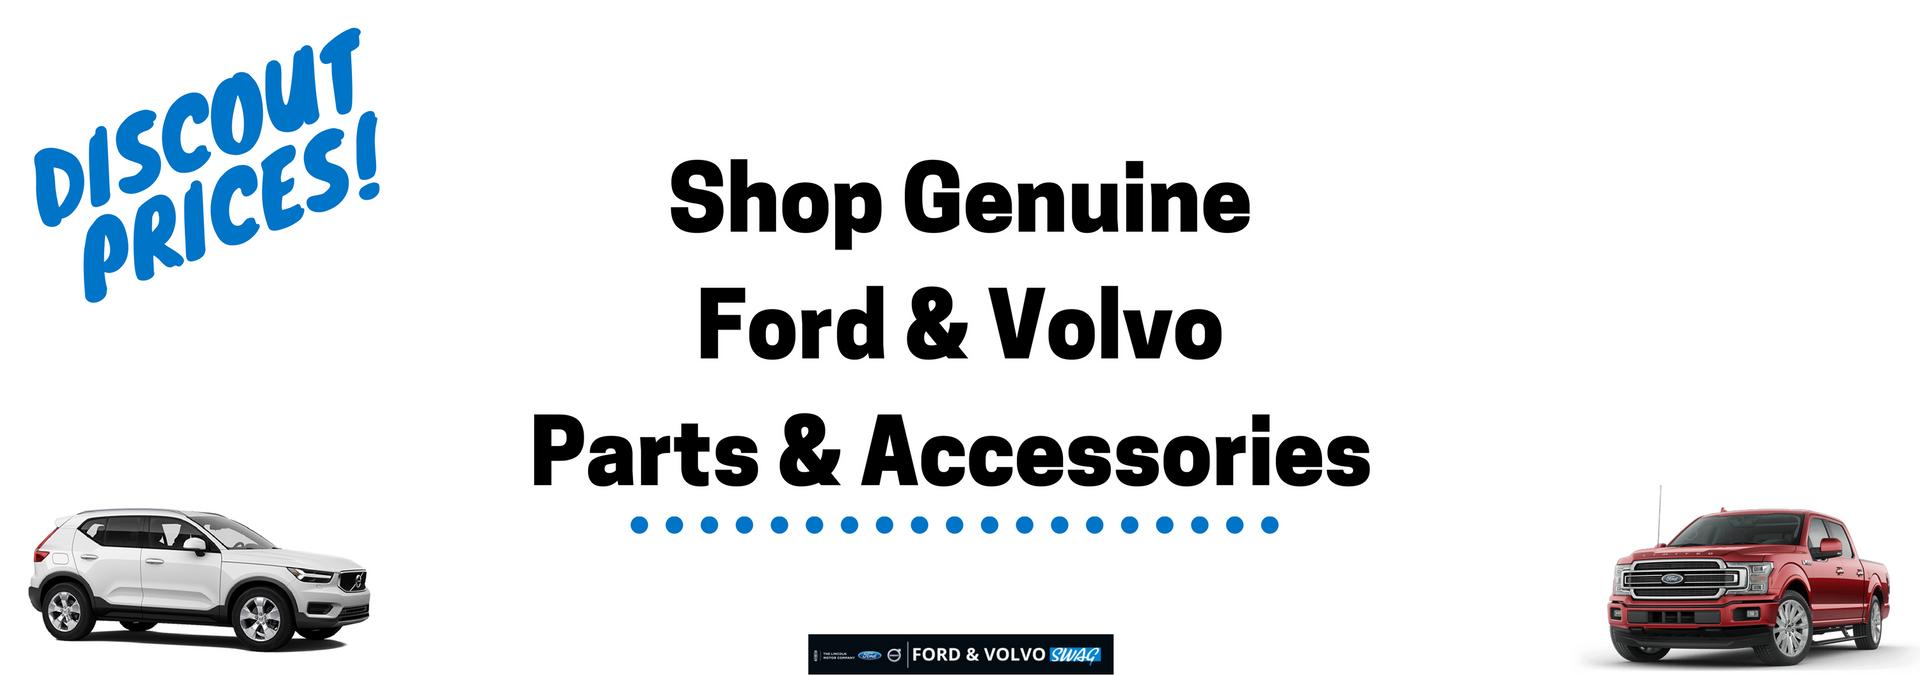 front for sale brands bendix automotive auto parts prices gct system car brake shop online ford ranger pads everest